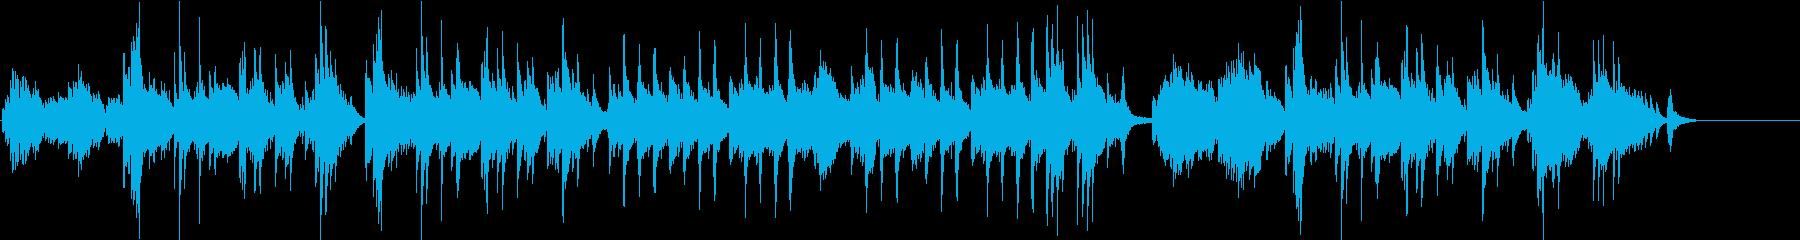 懐かしさを感じる優しいソロピアノ曲の再生済みの波形